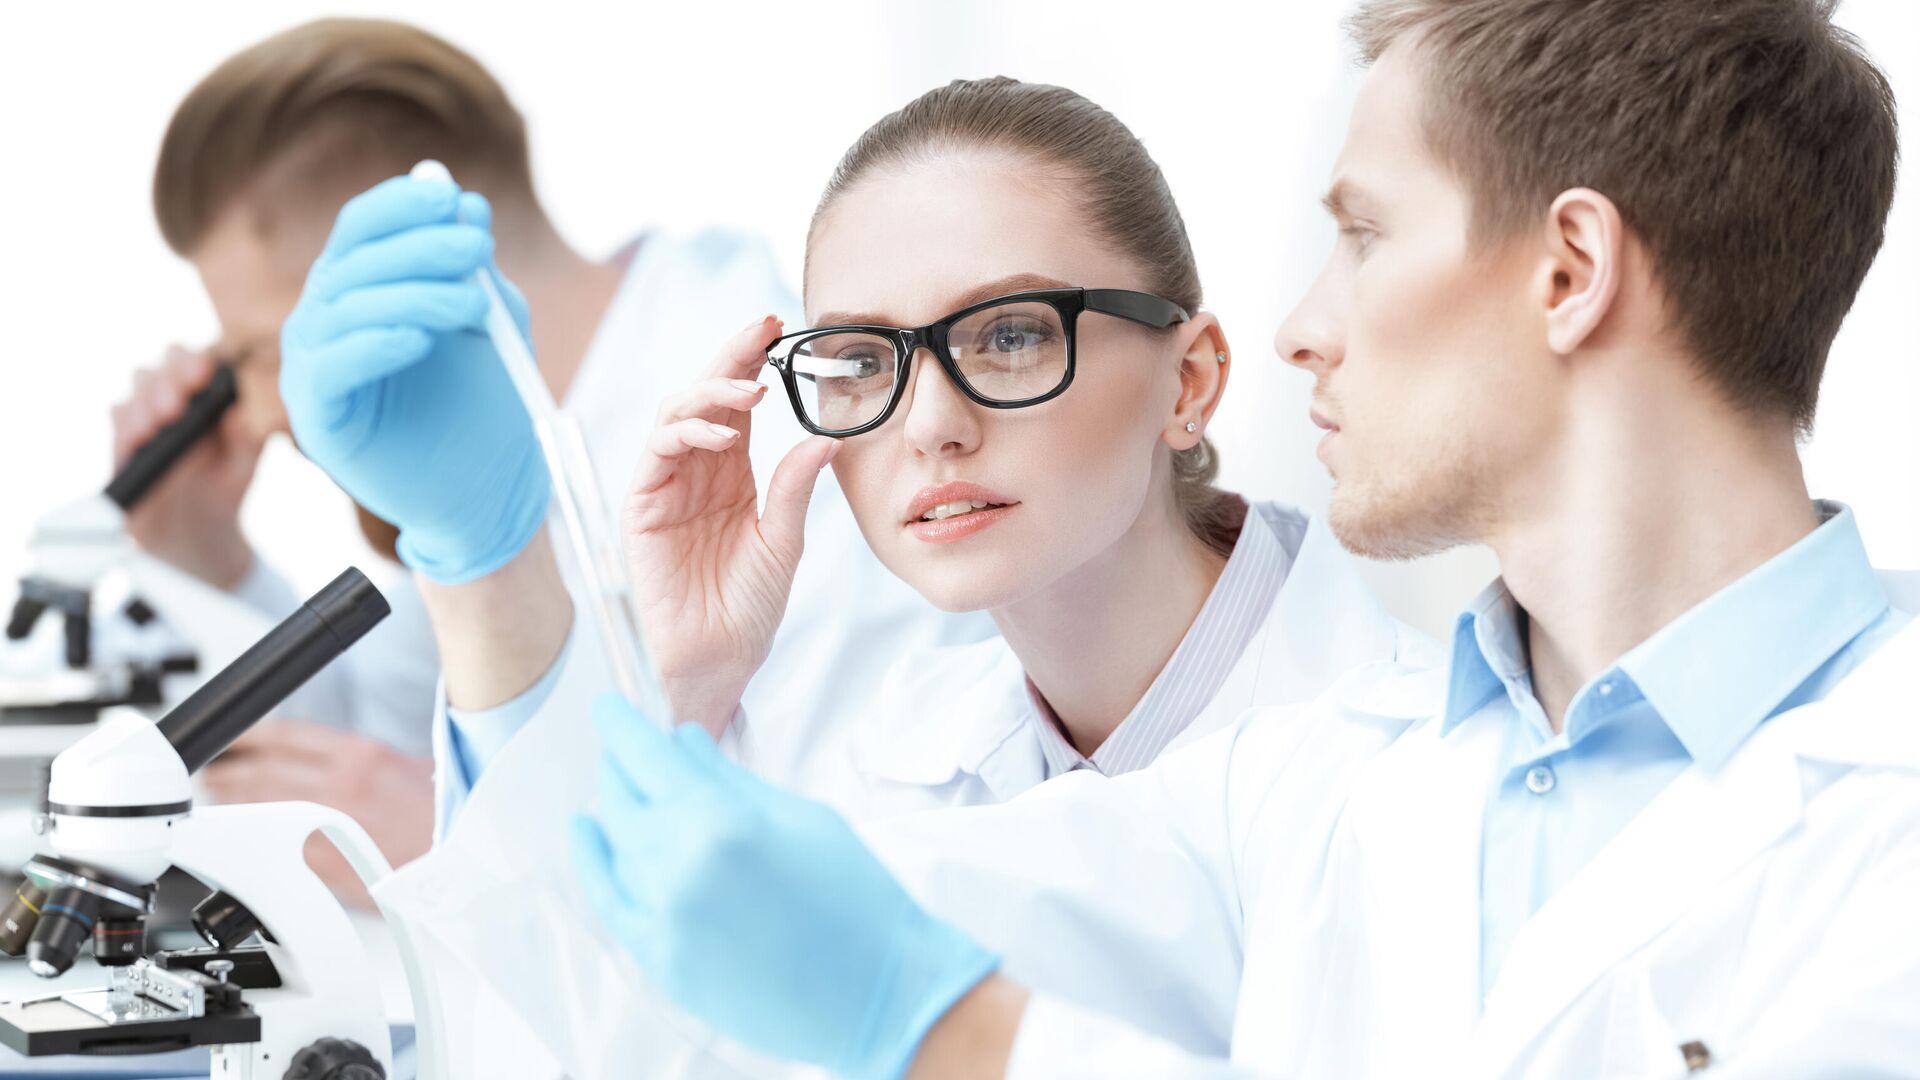 Роспатент назвал лучшие медицинские изобретения в России начала 2021 года